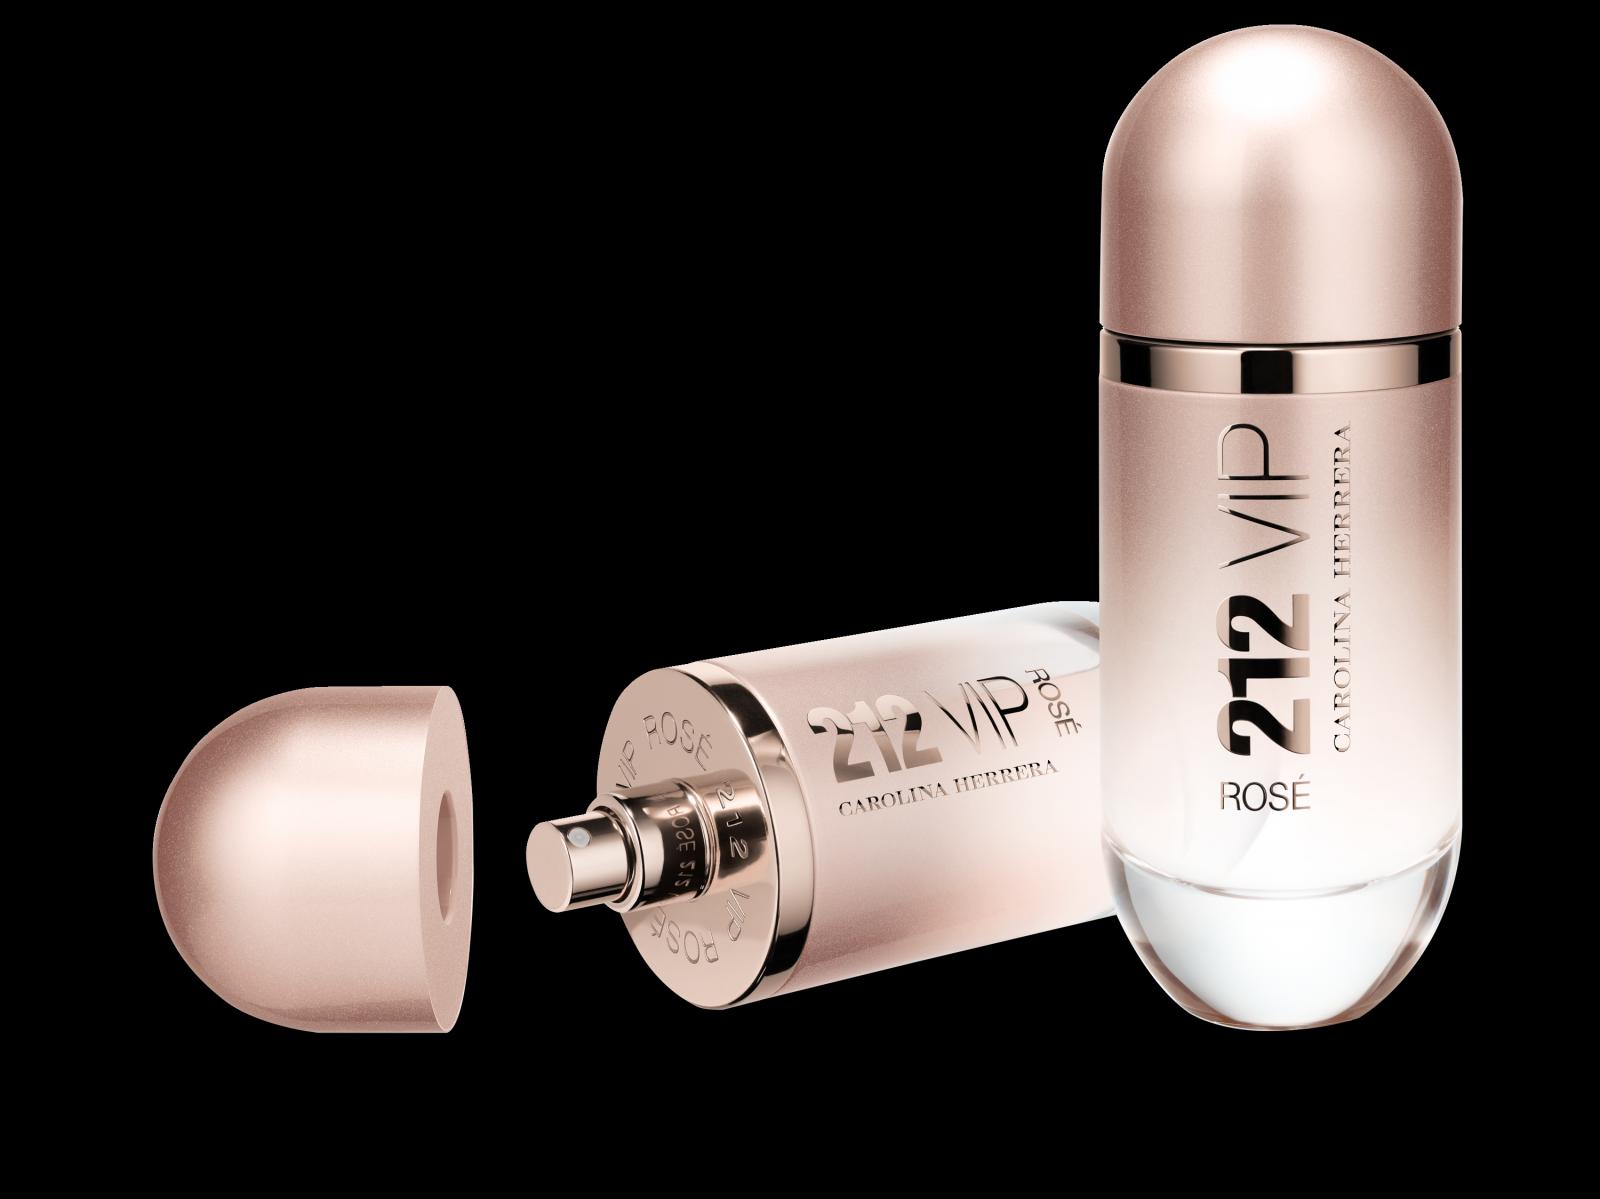 Бренд Carolina Herrera выпустил новый аромат 212 VIP Rose - фото №2